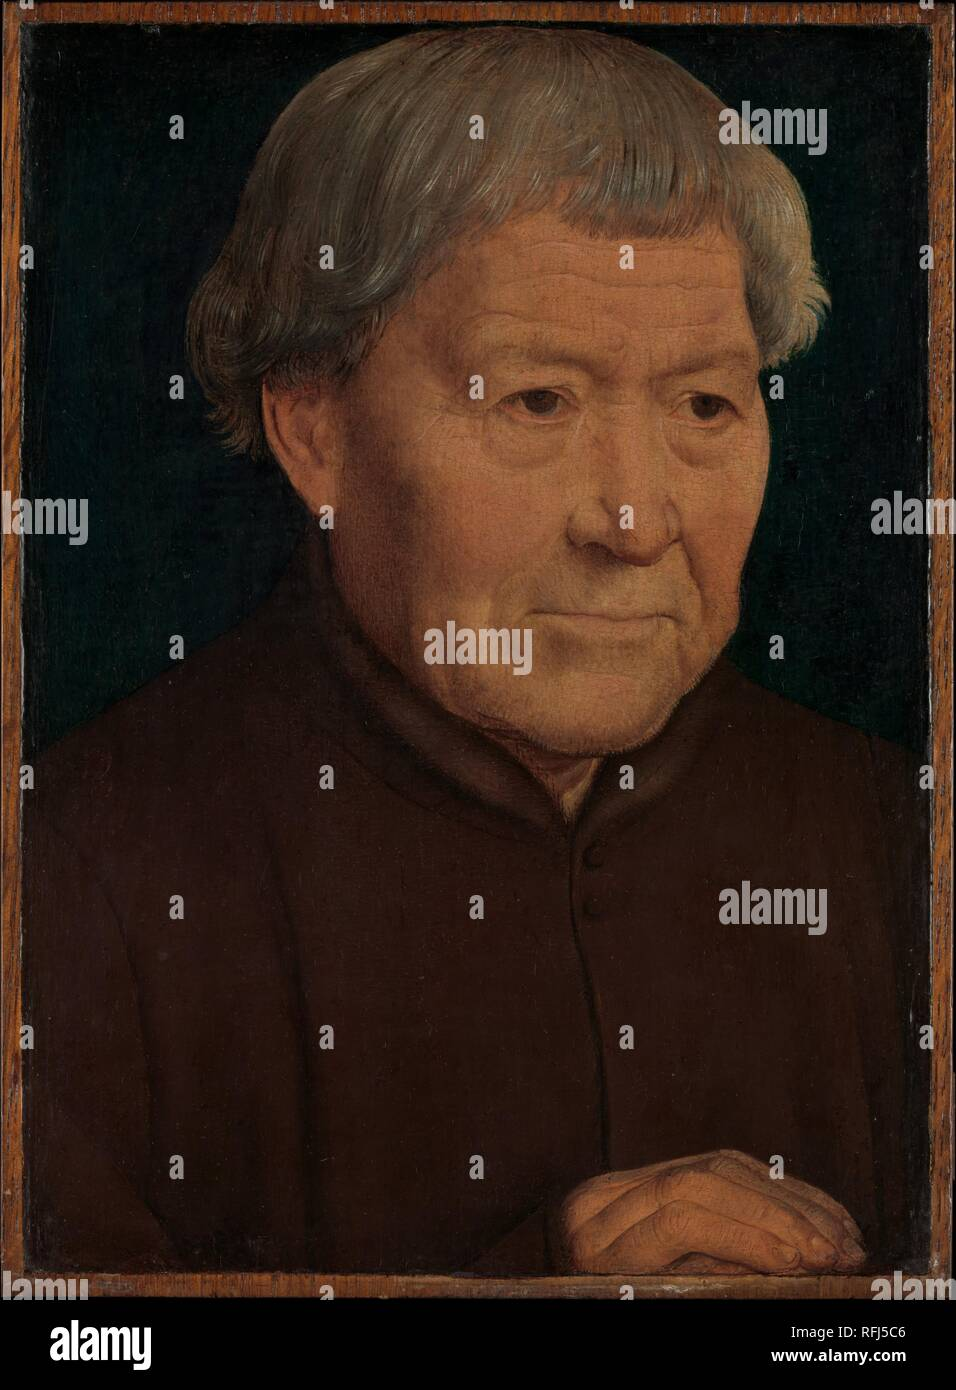 """Hans Memling (Niederländischen, Seligenstadt, aktiv von 1465 â ? """"starb 1494 Brügge) Porträt eines alten Mannes, Ca. 1475, Öl auf Holz; insgesamt 10 3/8 x 7 5/8 in. (26,4 x 19,4 cm); Oberfläche lackiert 10 x 7 1/4 in. (25,4 x 18,4 cm) das Metropolitan Museum of Art, New York, Vermächtnis von Benjamin Altman, 1913 (14.40.648) http://www.metmuseum.org/Collections/search-the-collections/437055 Stockbild"""